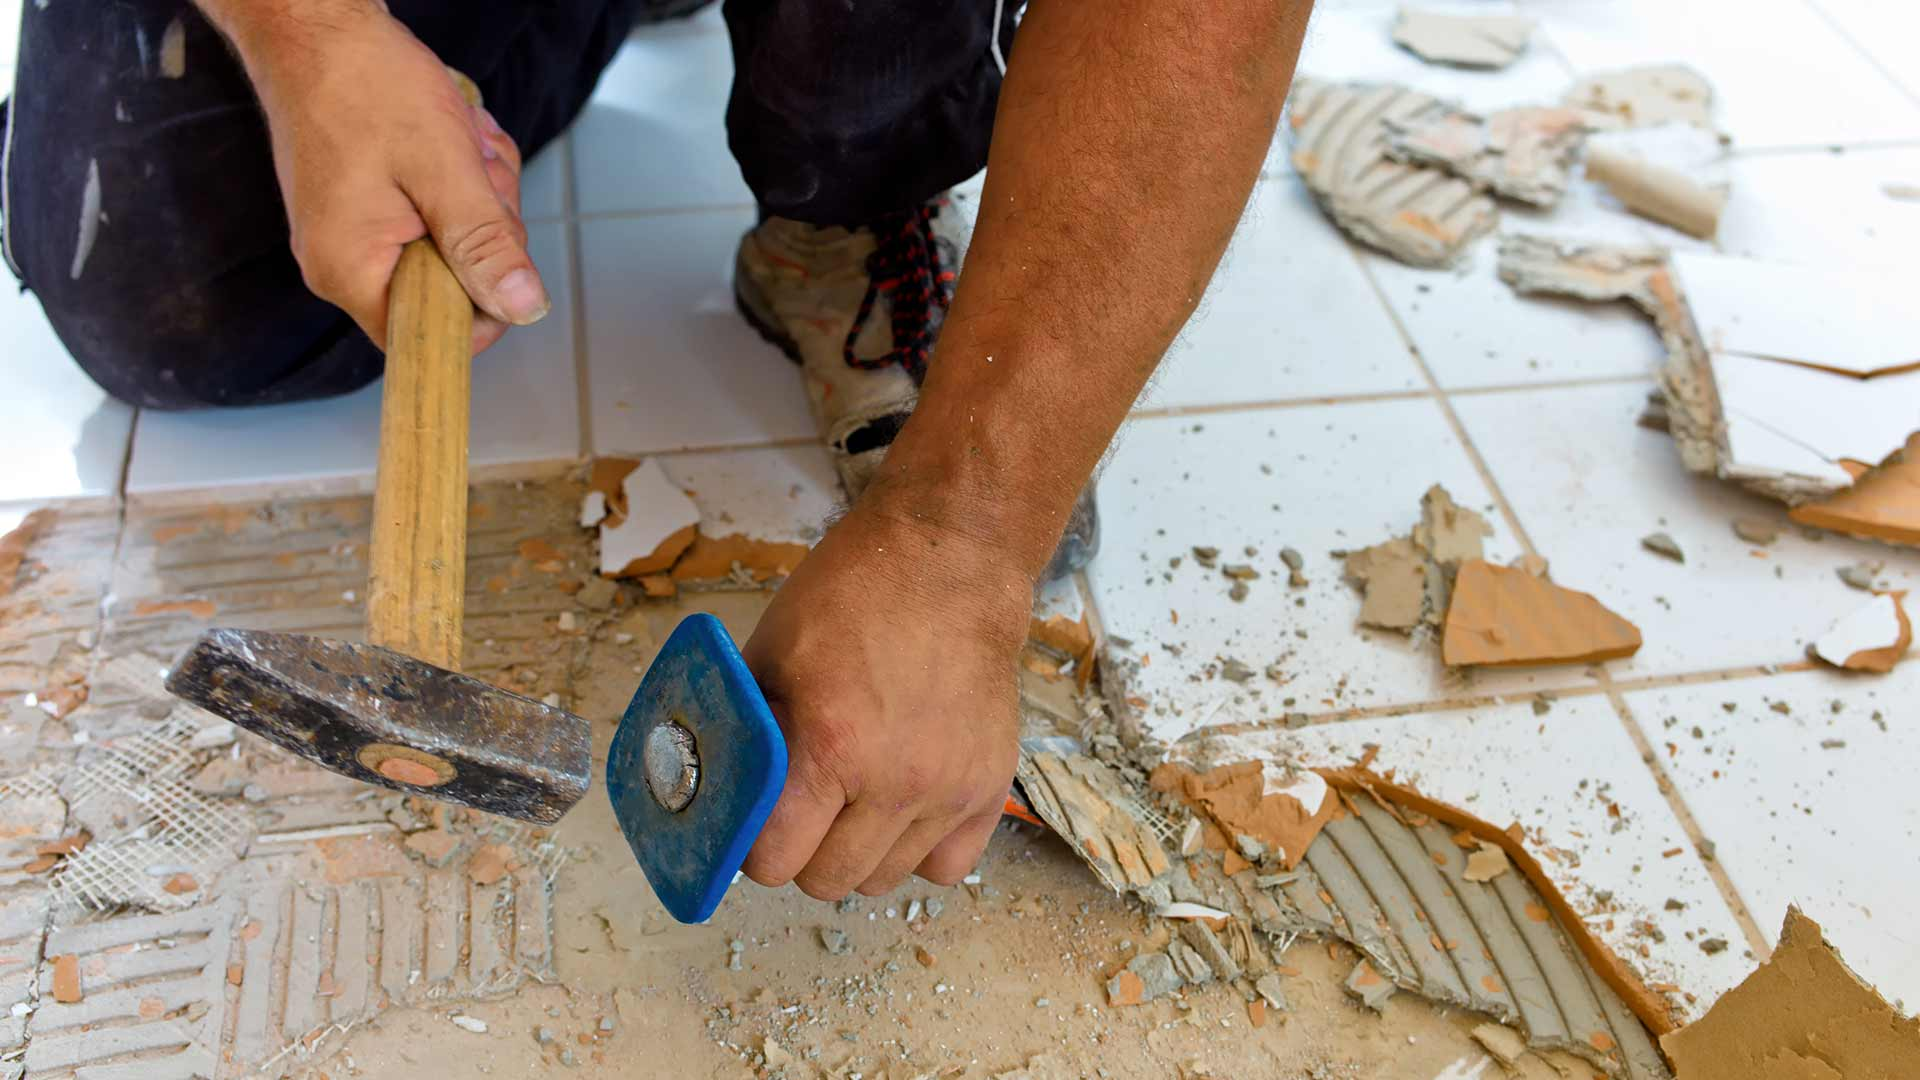 Repairing a cracked ceramic tile floor